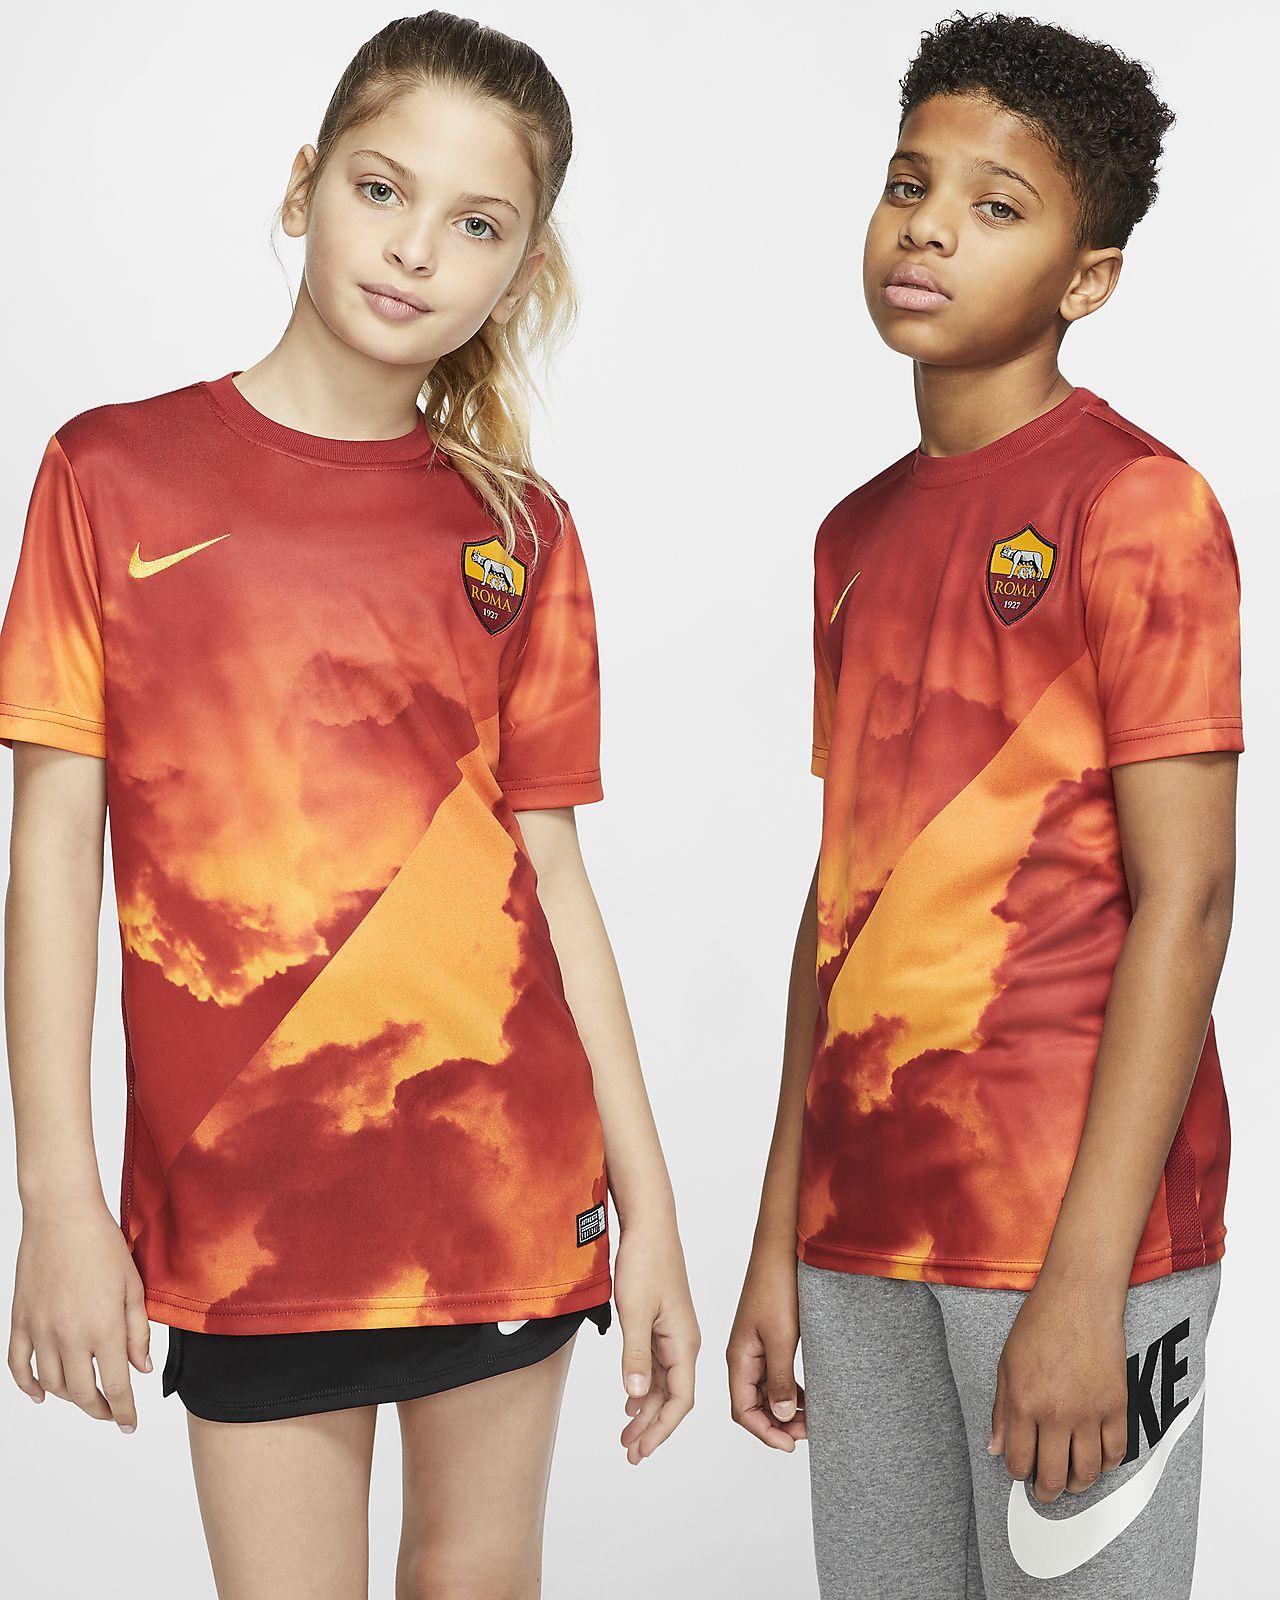 Dětské fotbalové tričko A.S. Roma s krátkým rukávem